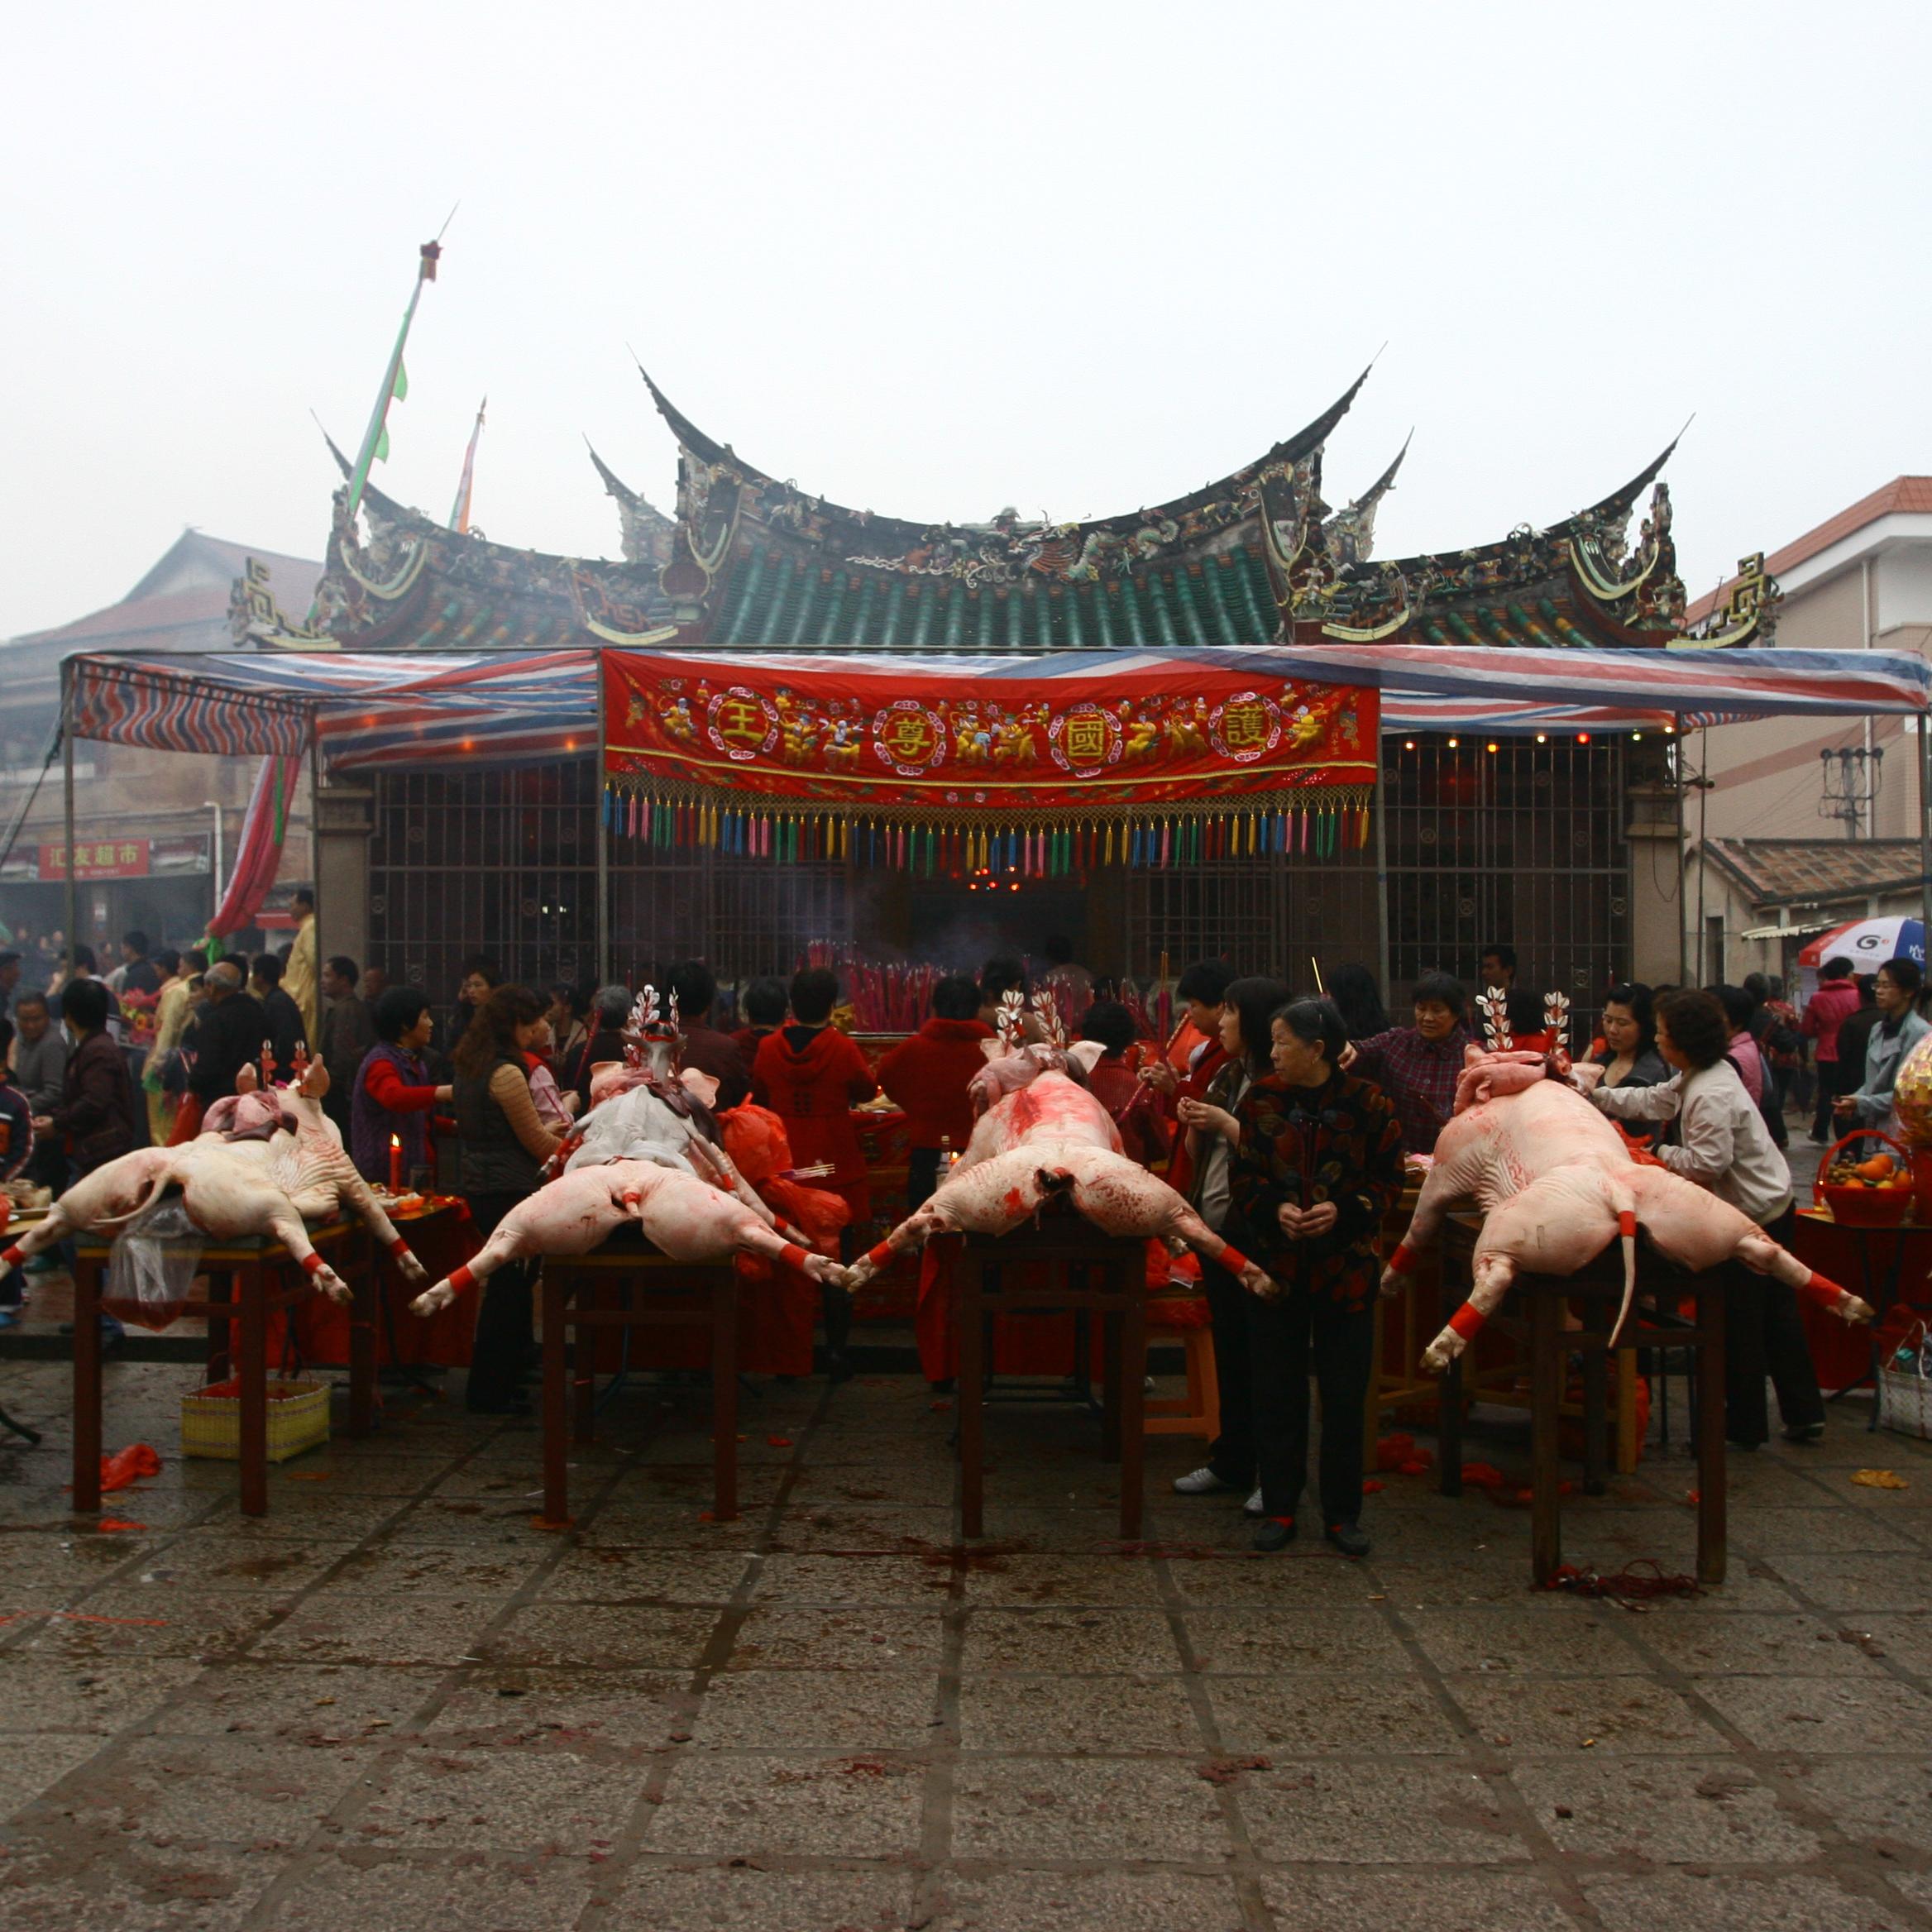 颜志伟,《大社元宵节》, 2010 年 2月。 图片由艺术家提供。